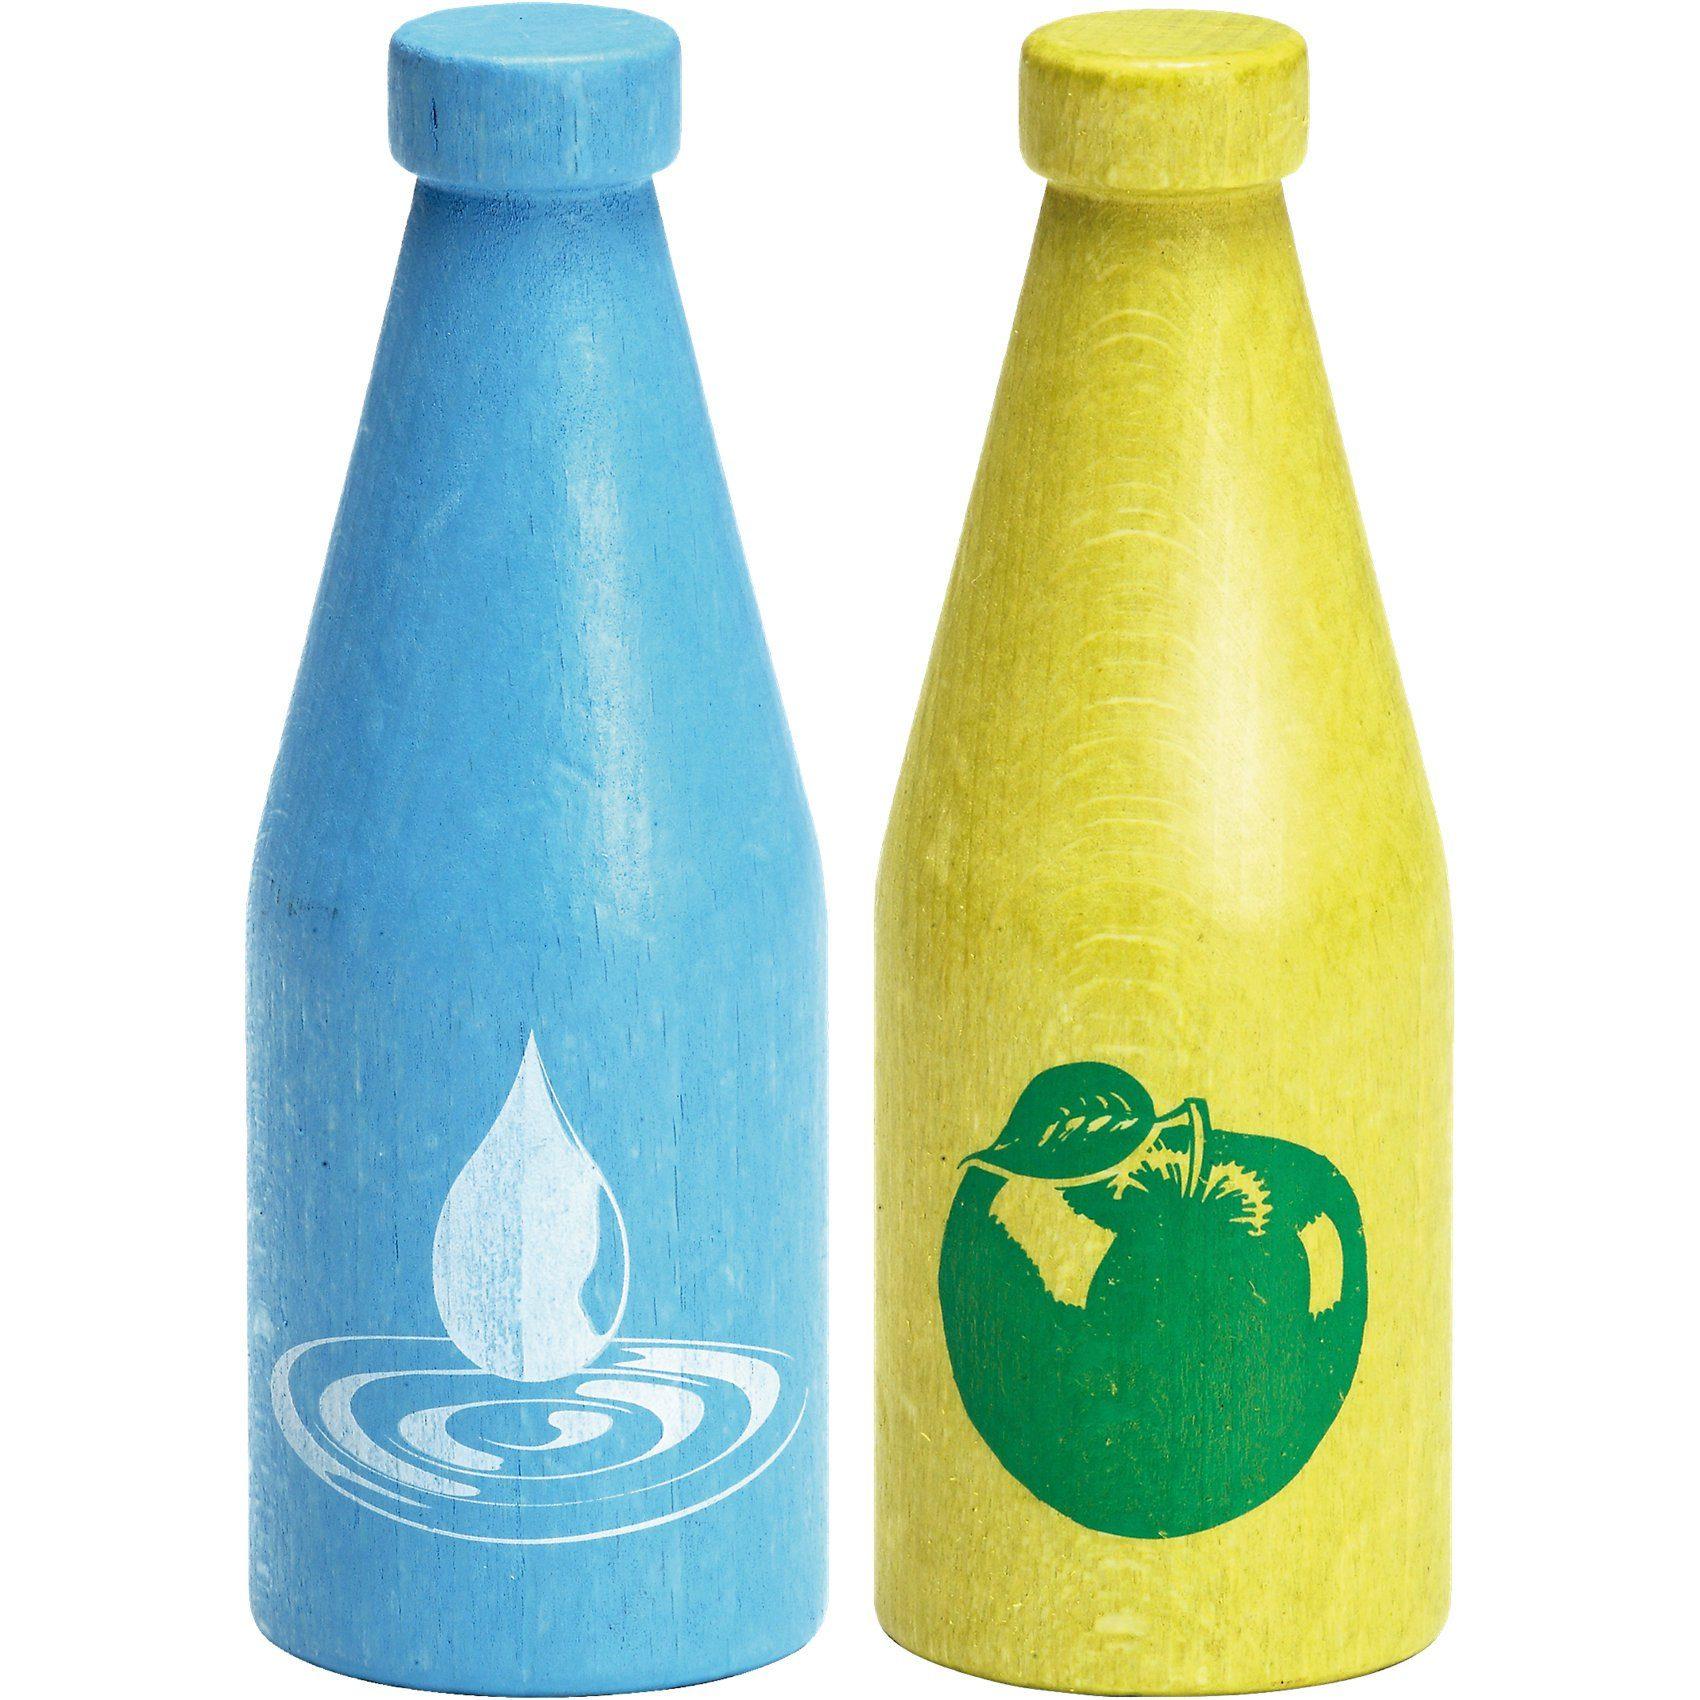 ERZI Spiellebensmittel Set: Flasche Wasser + Apfelsaft aus Holz